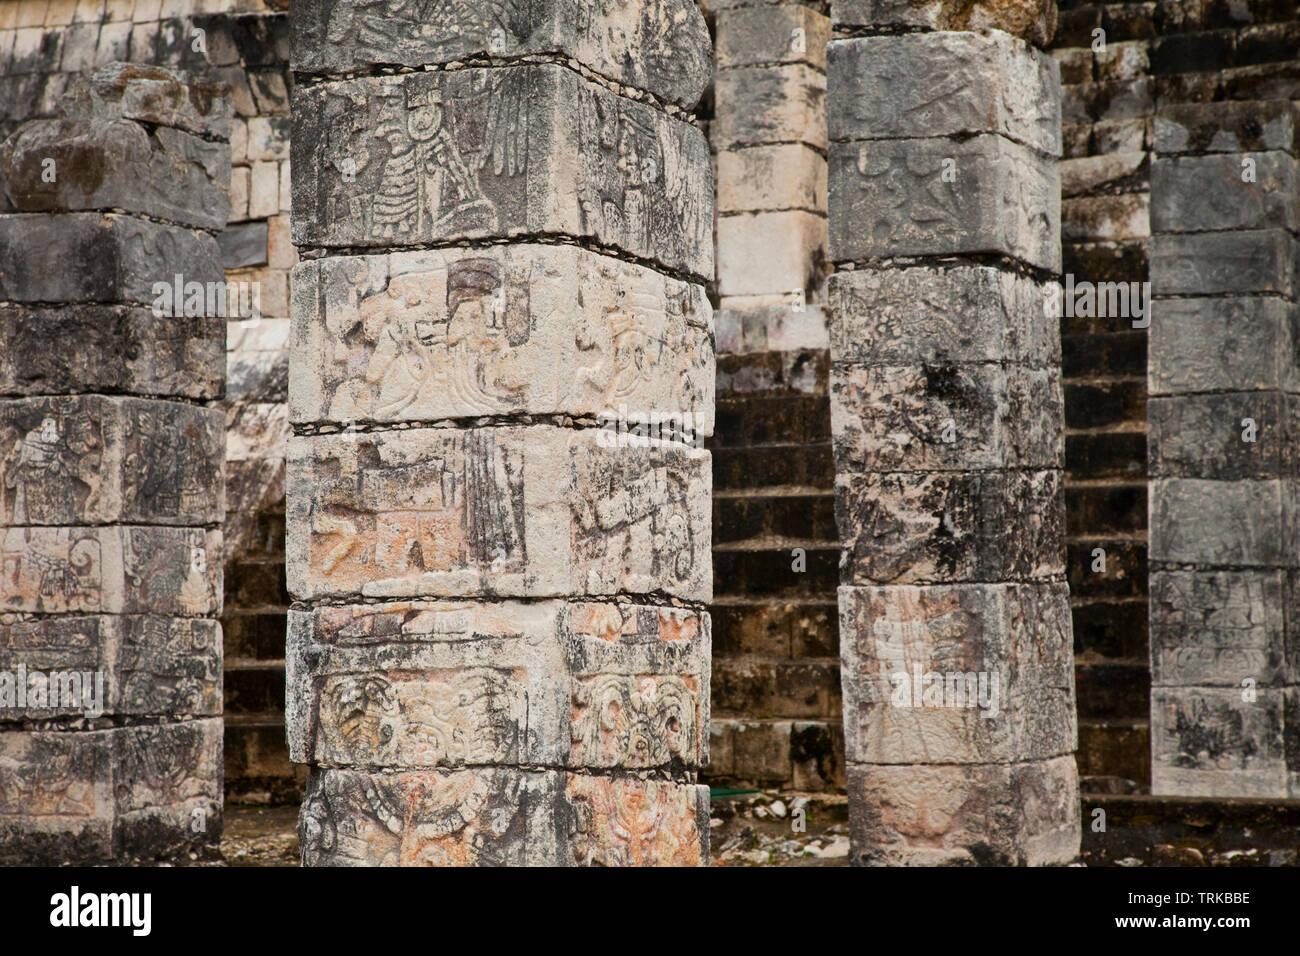 Templo de los Guerreros. Yacimiento Arqueológico Maya de Chichén Itzá. Estado de Yucatán, Península de Yucatán, México, América Stock Photo